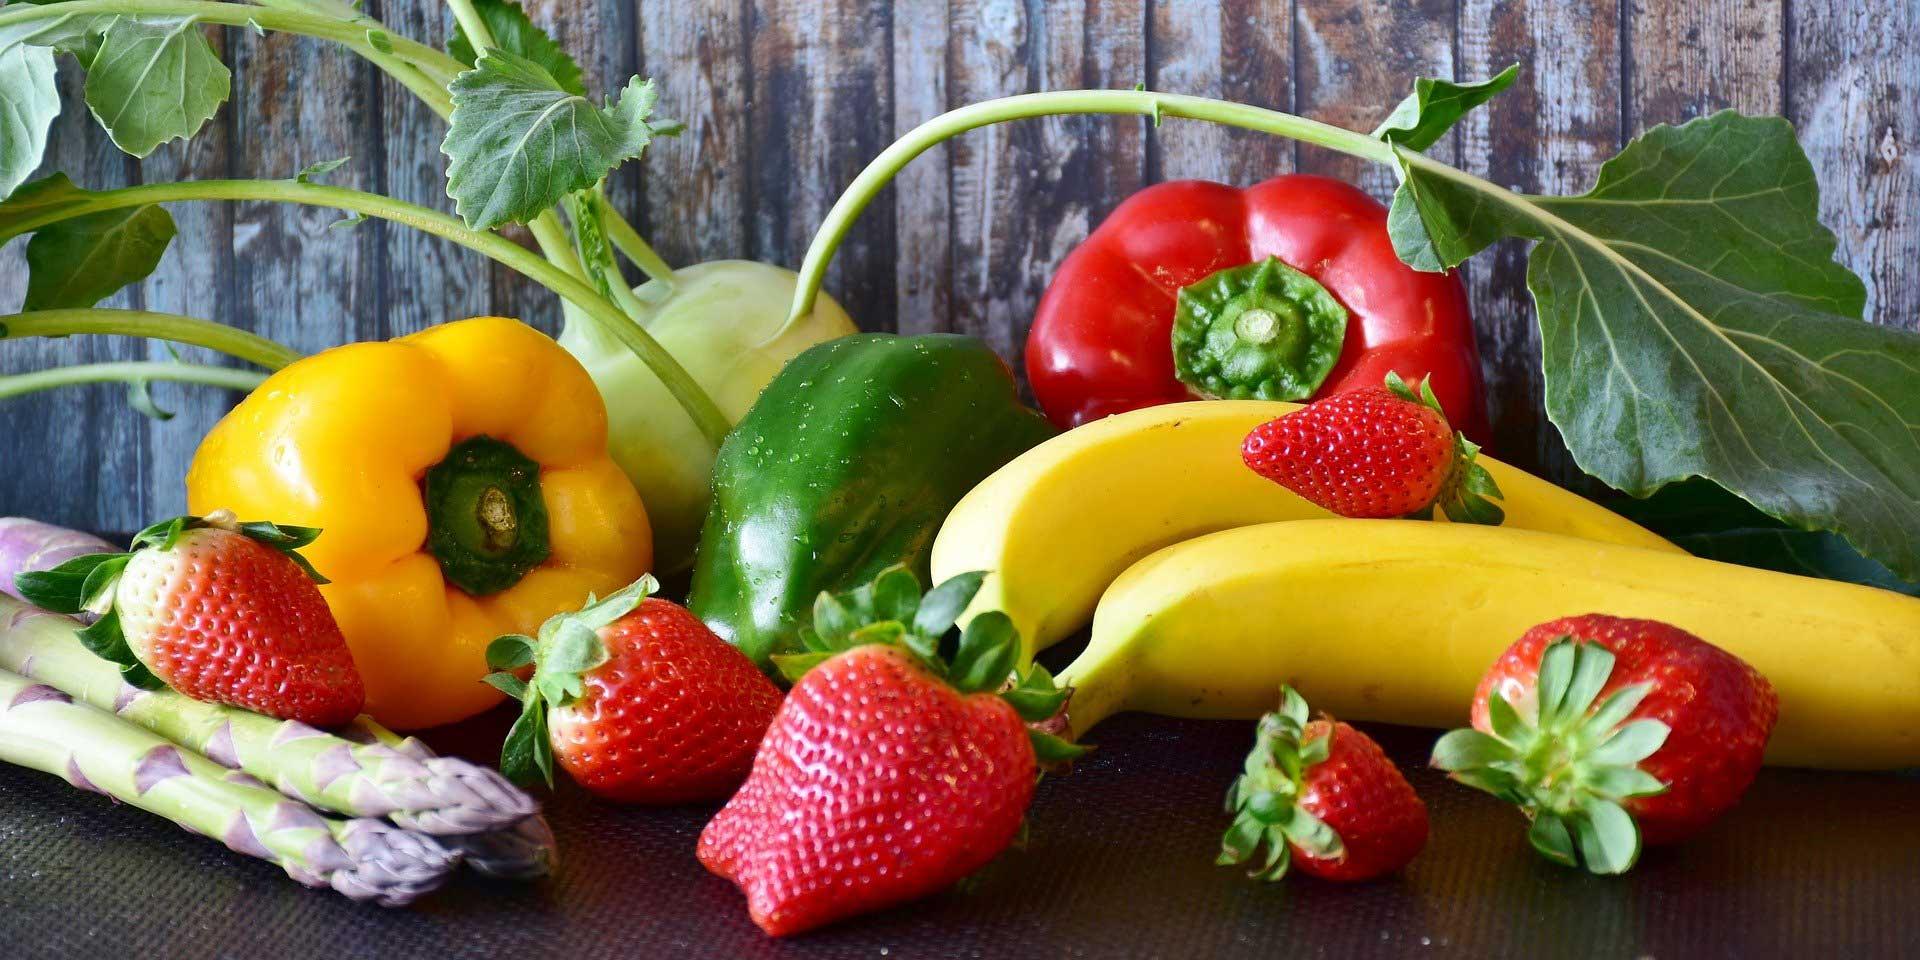 Obst und Gemüse sind Teil einer gesunden Ernährung